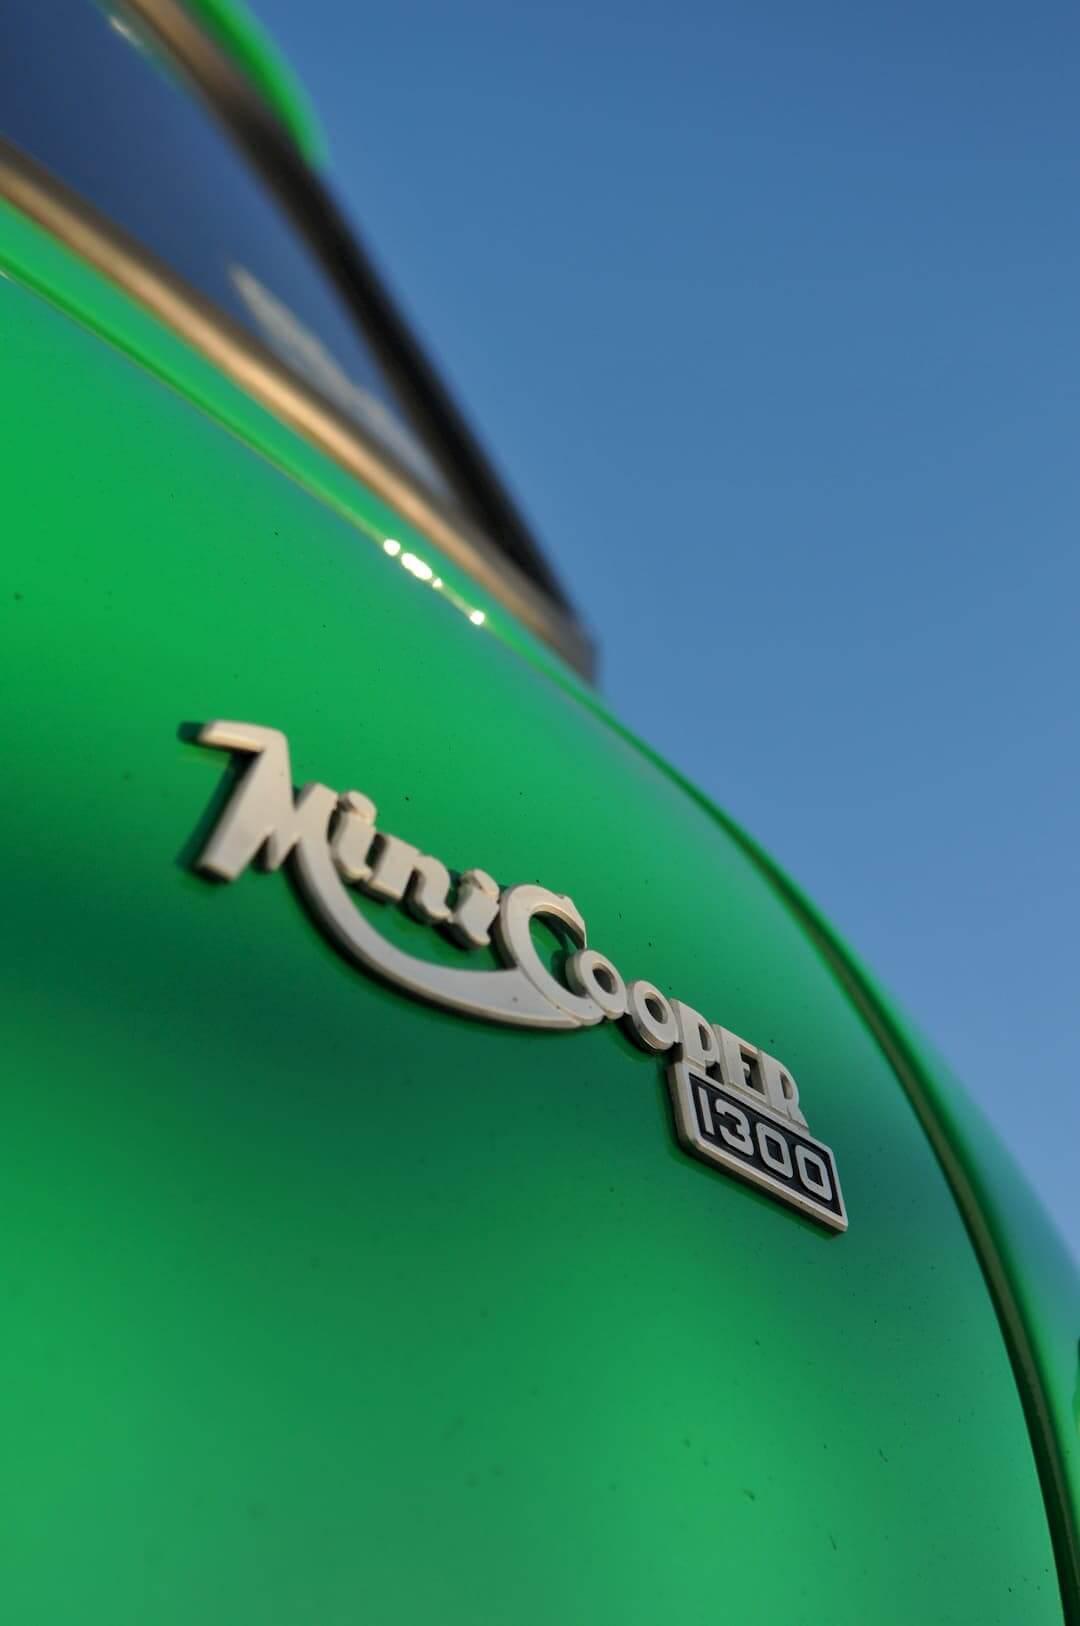 Austin mini innocenti - spéciliste mini et atelier mécanique de voiture de collection